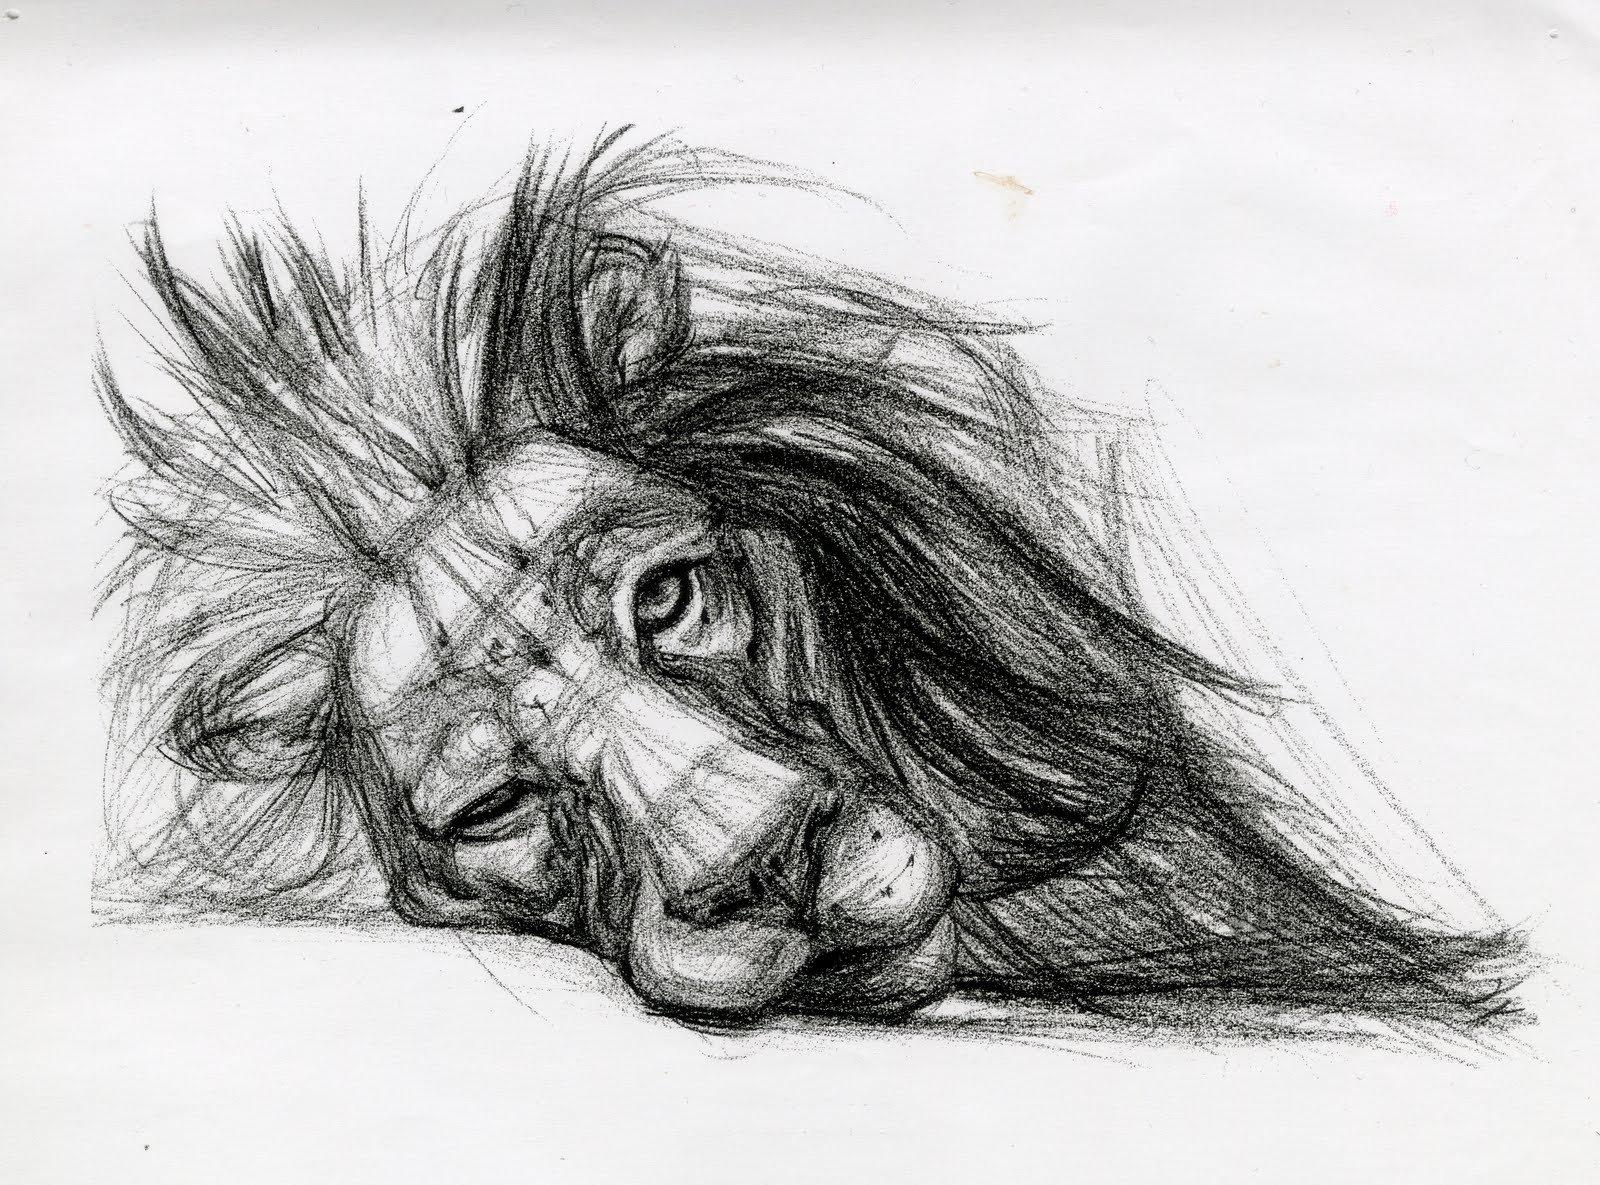 многих мировых картинки рисовать карандашом сложные мощное